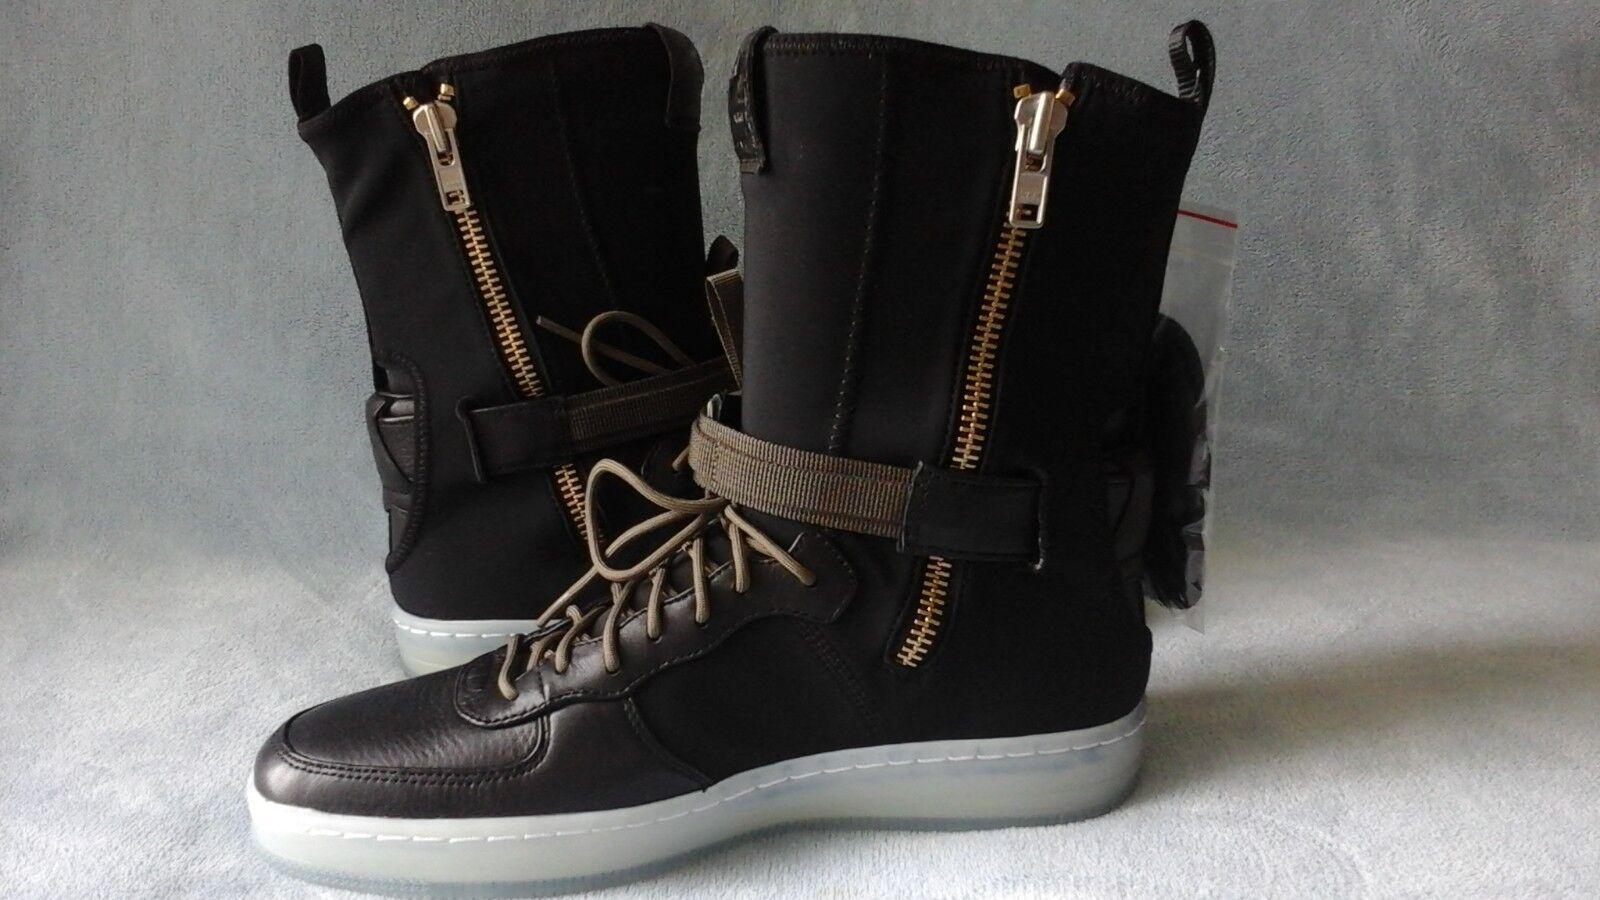 Nike AF1 Downtown HI SP Acronym Black Olive 649941-003 Size 8